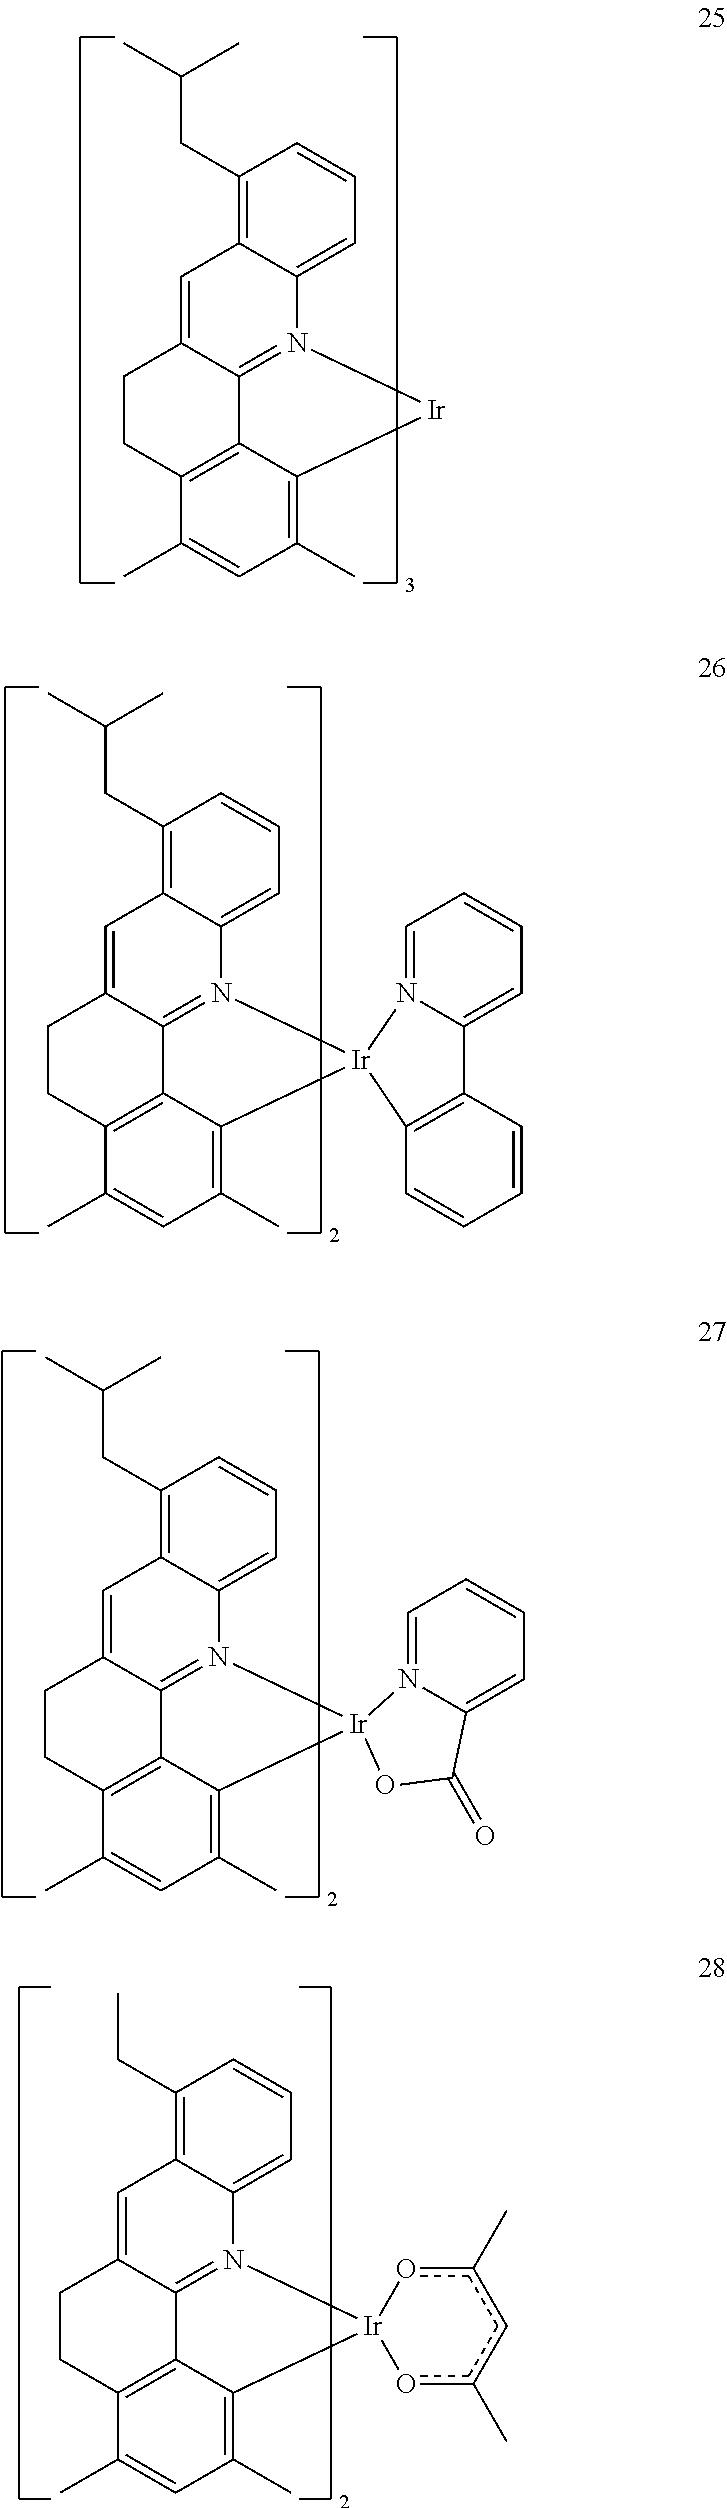 Figure US20130032785A1-20130207-C00013